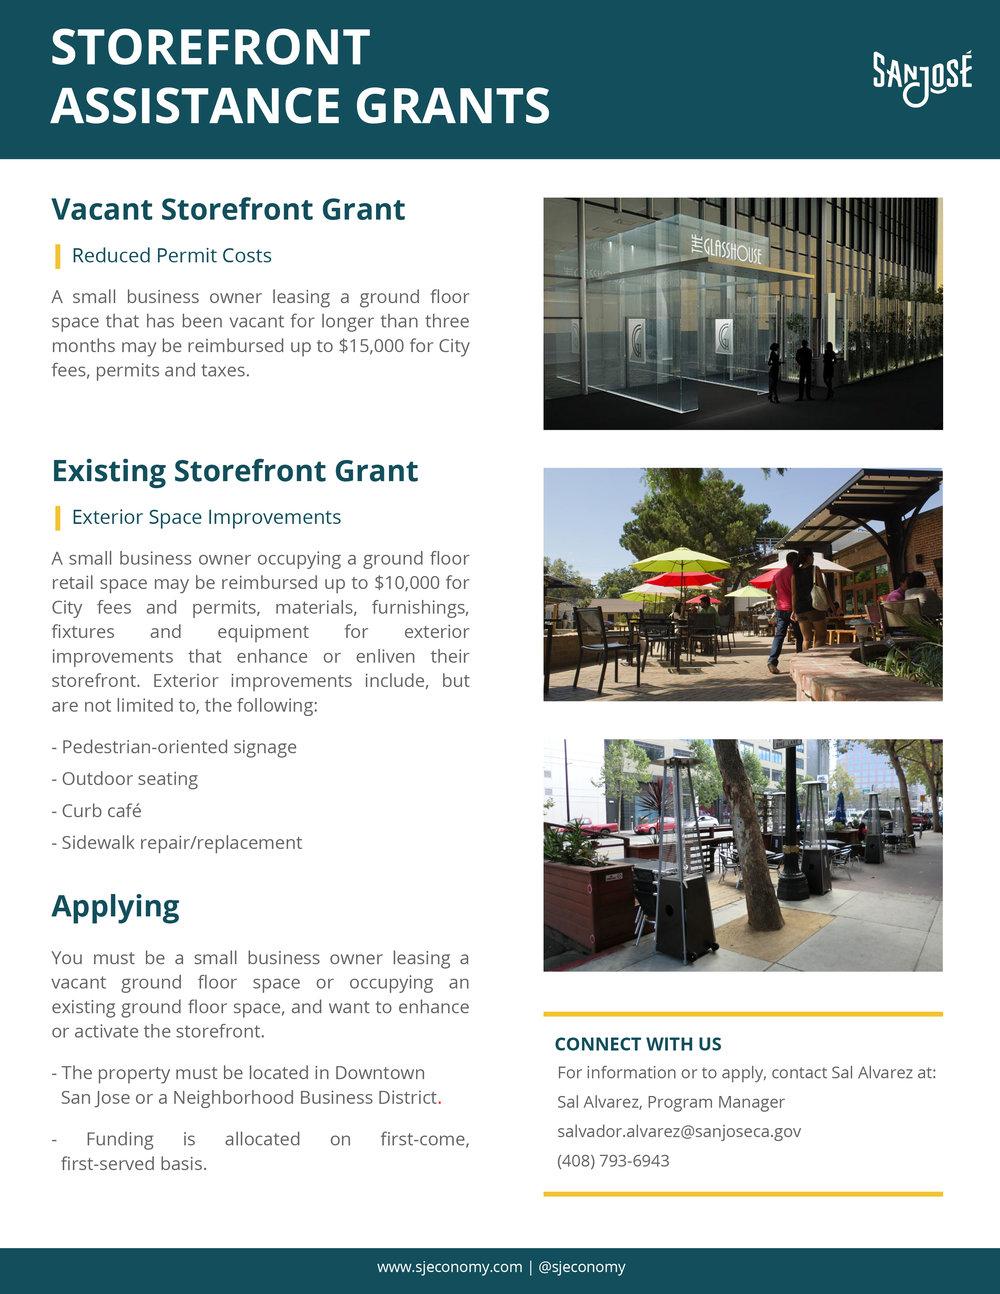 SJ Storefront Assistance Grants